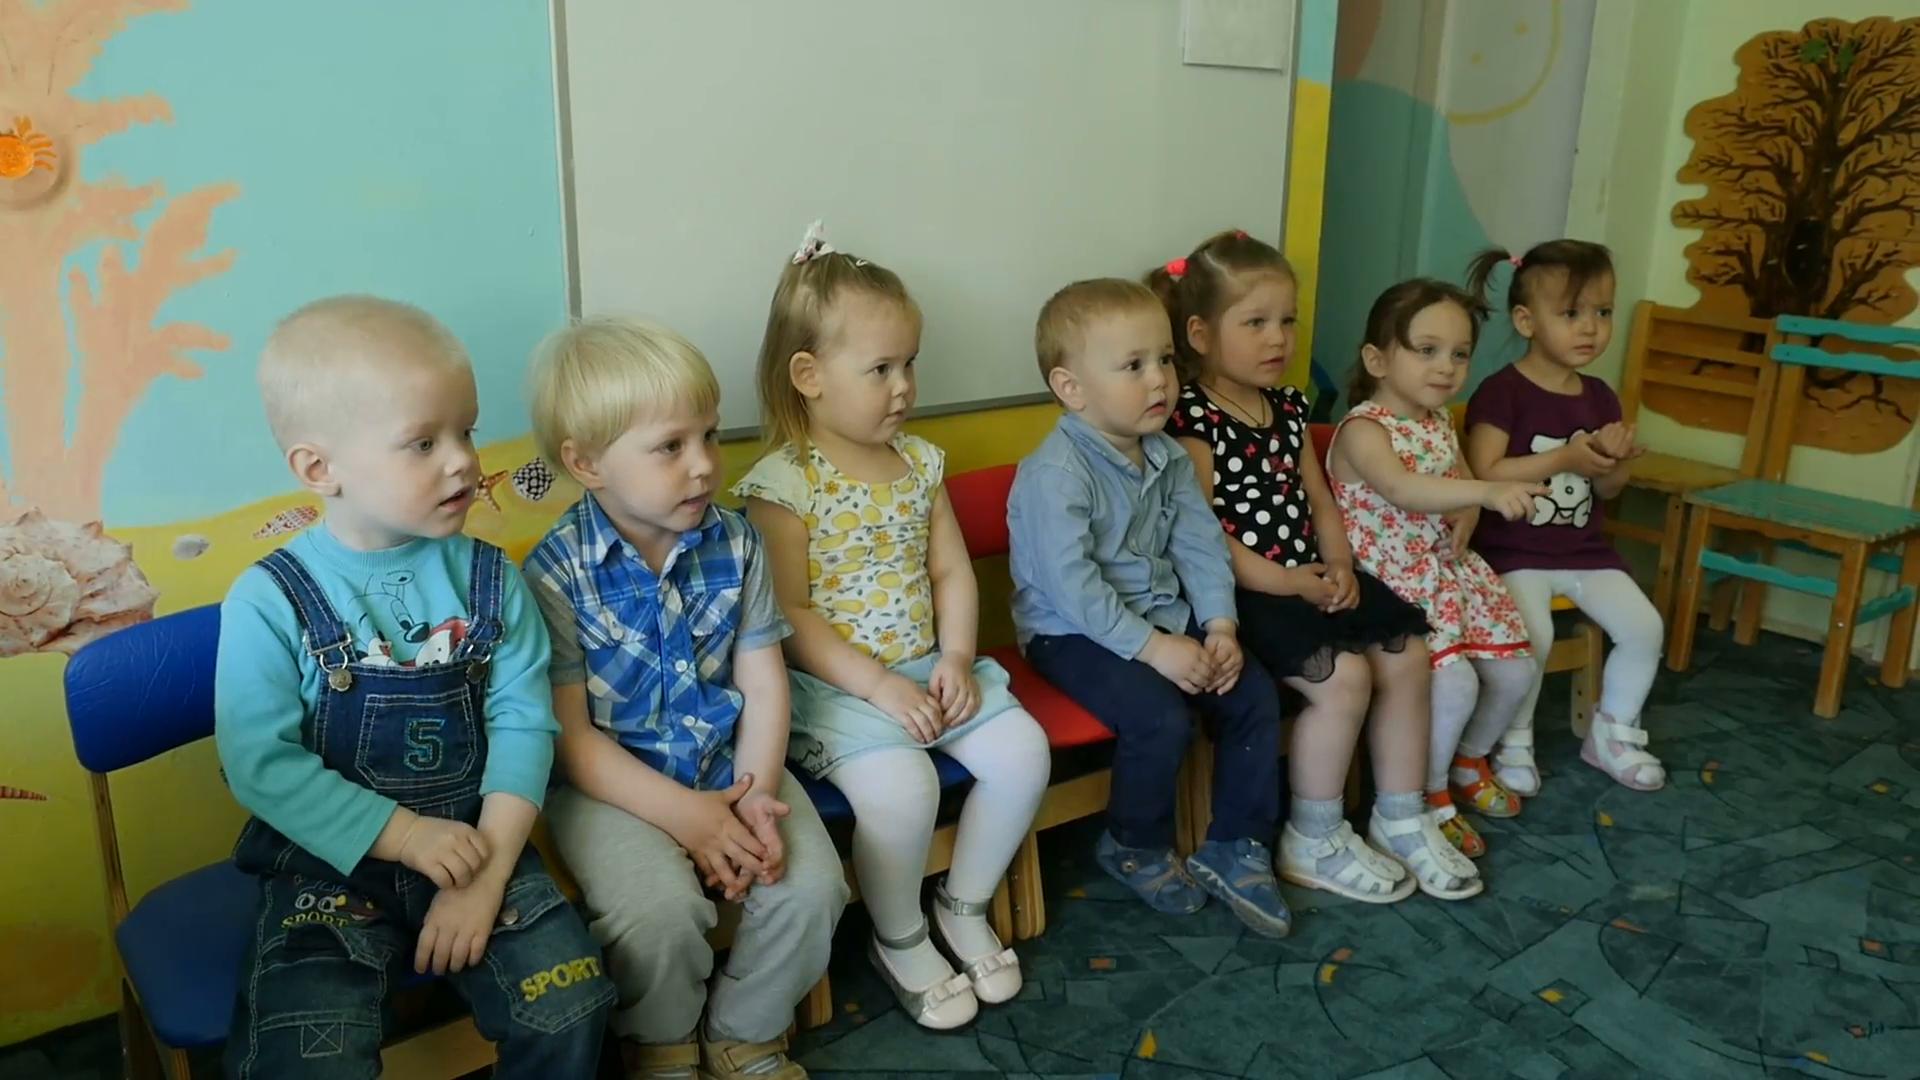 Little Children PNG HD - 129836